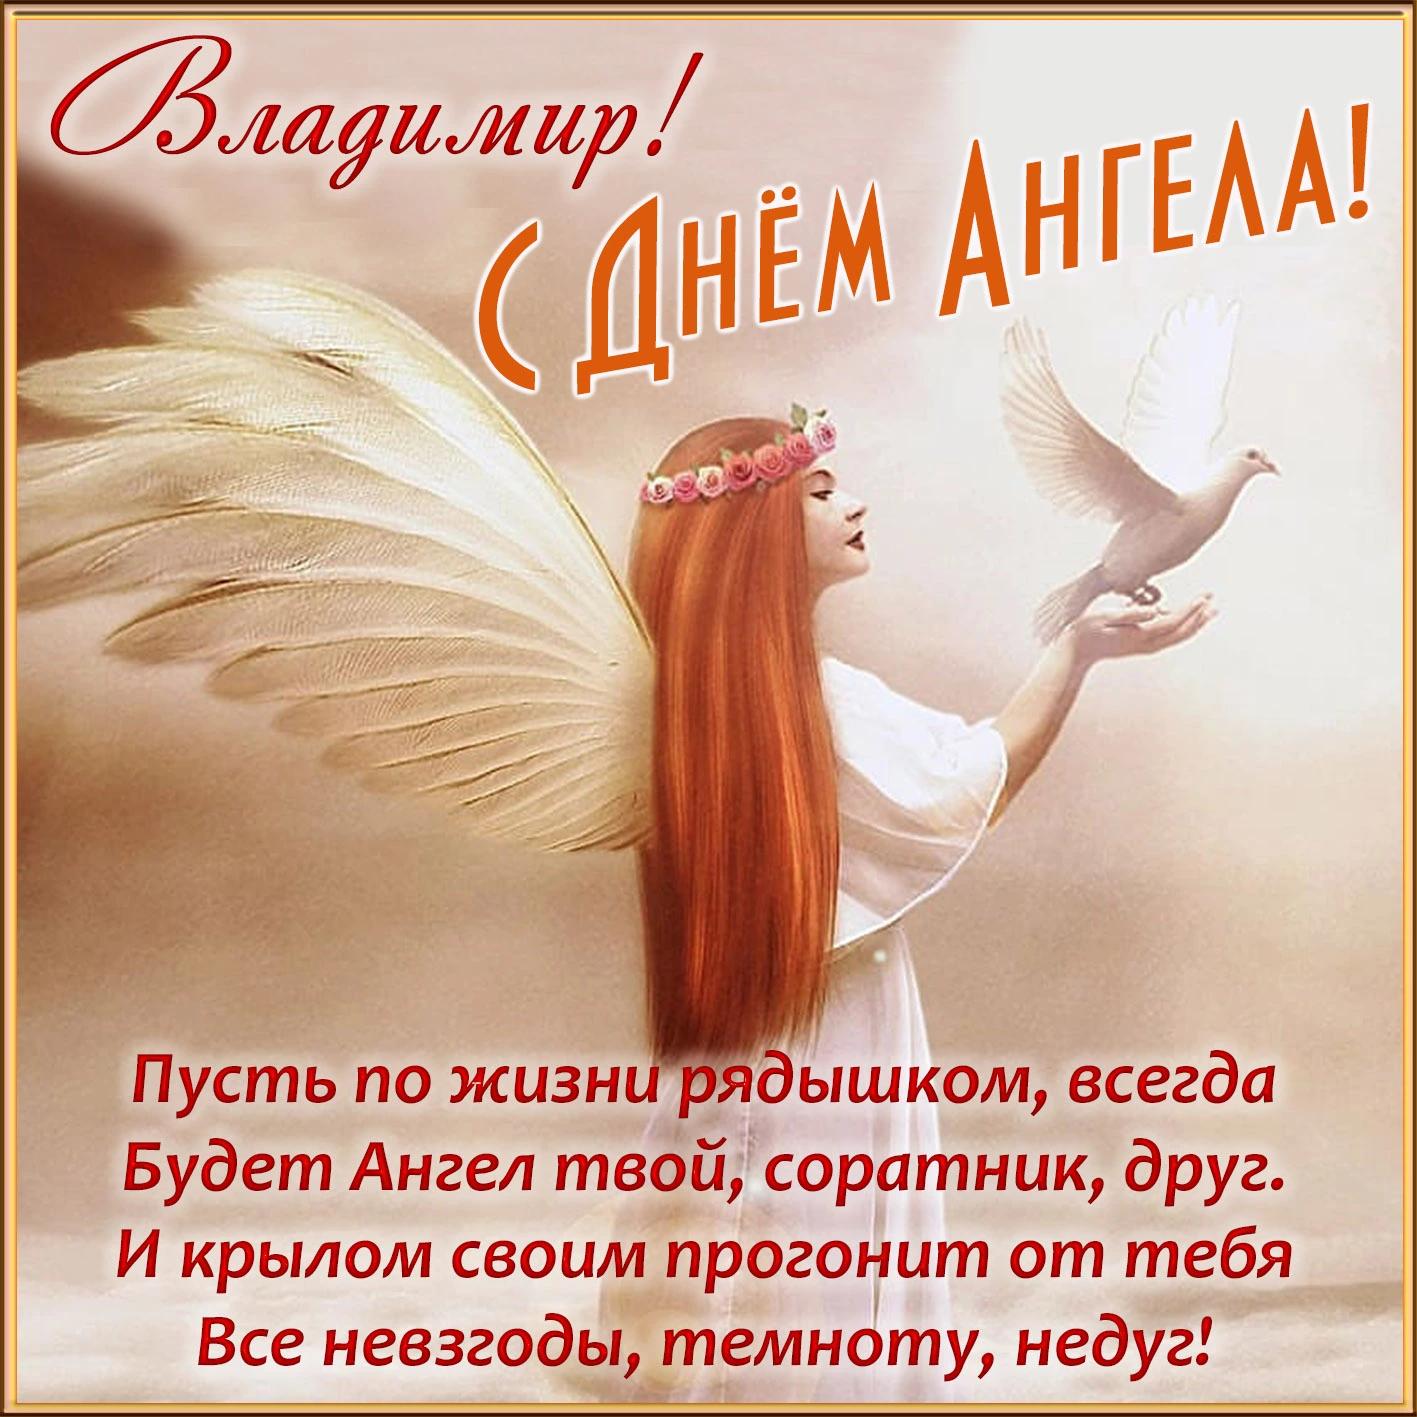 Открытка с пожеланиями в День ангела Владимира